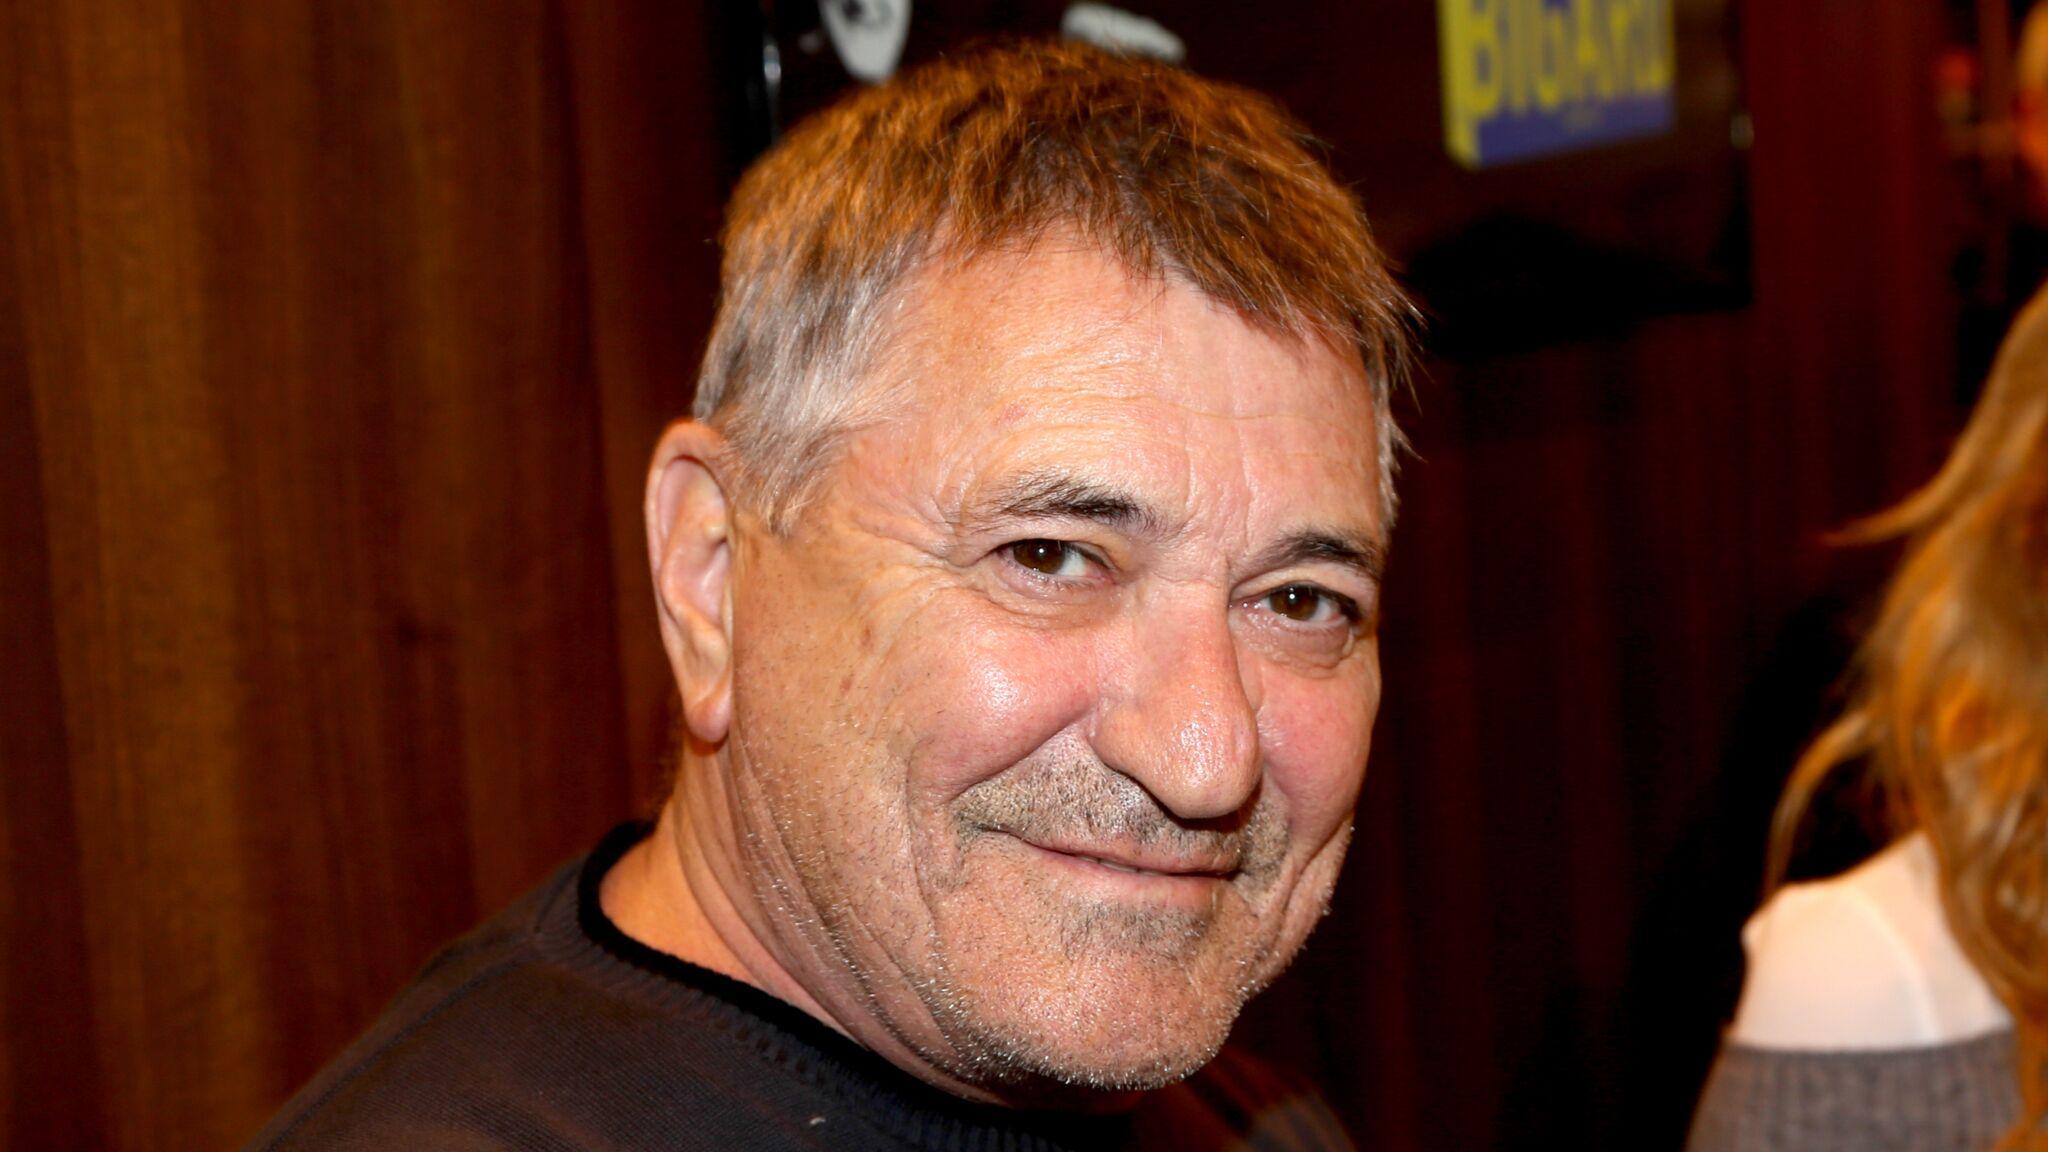 Jean-Marie Bigard : il fait un don généreux de 300000 euros pour venir en aide à un malade du cancer